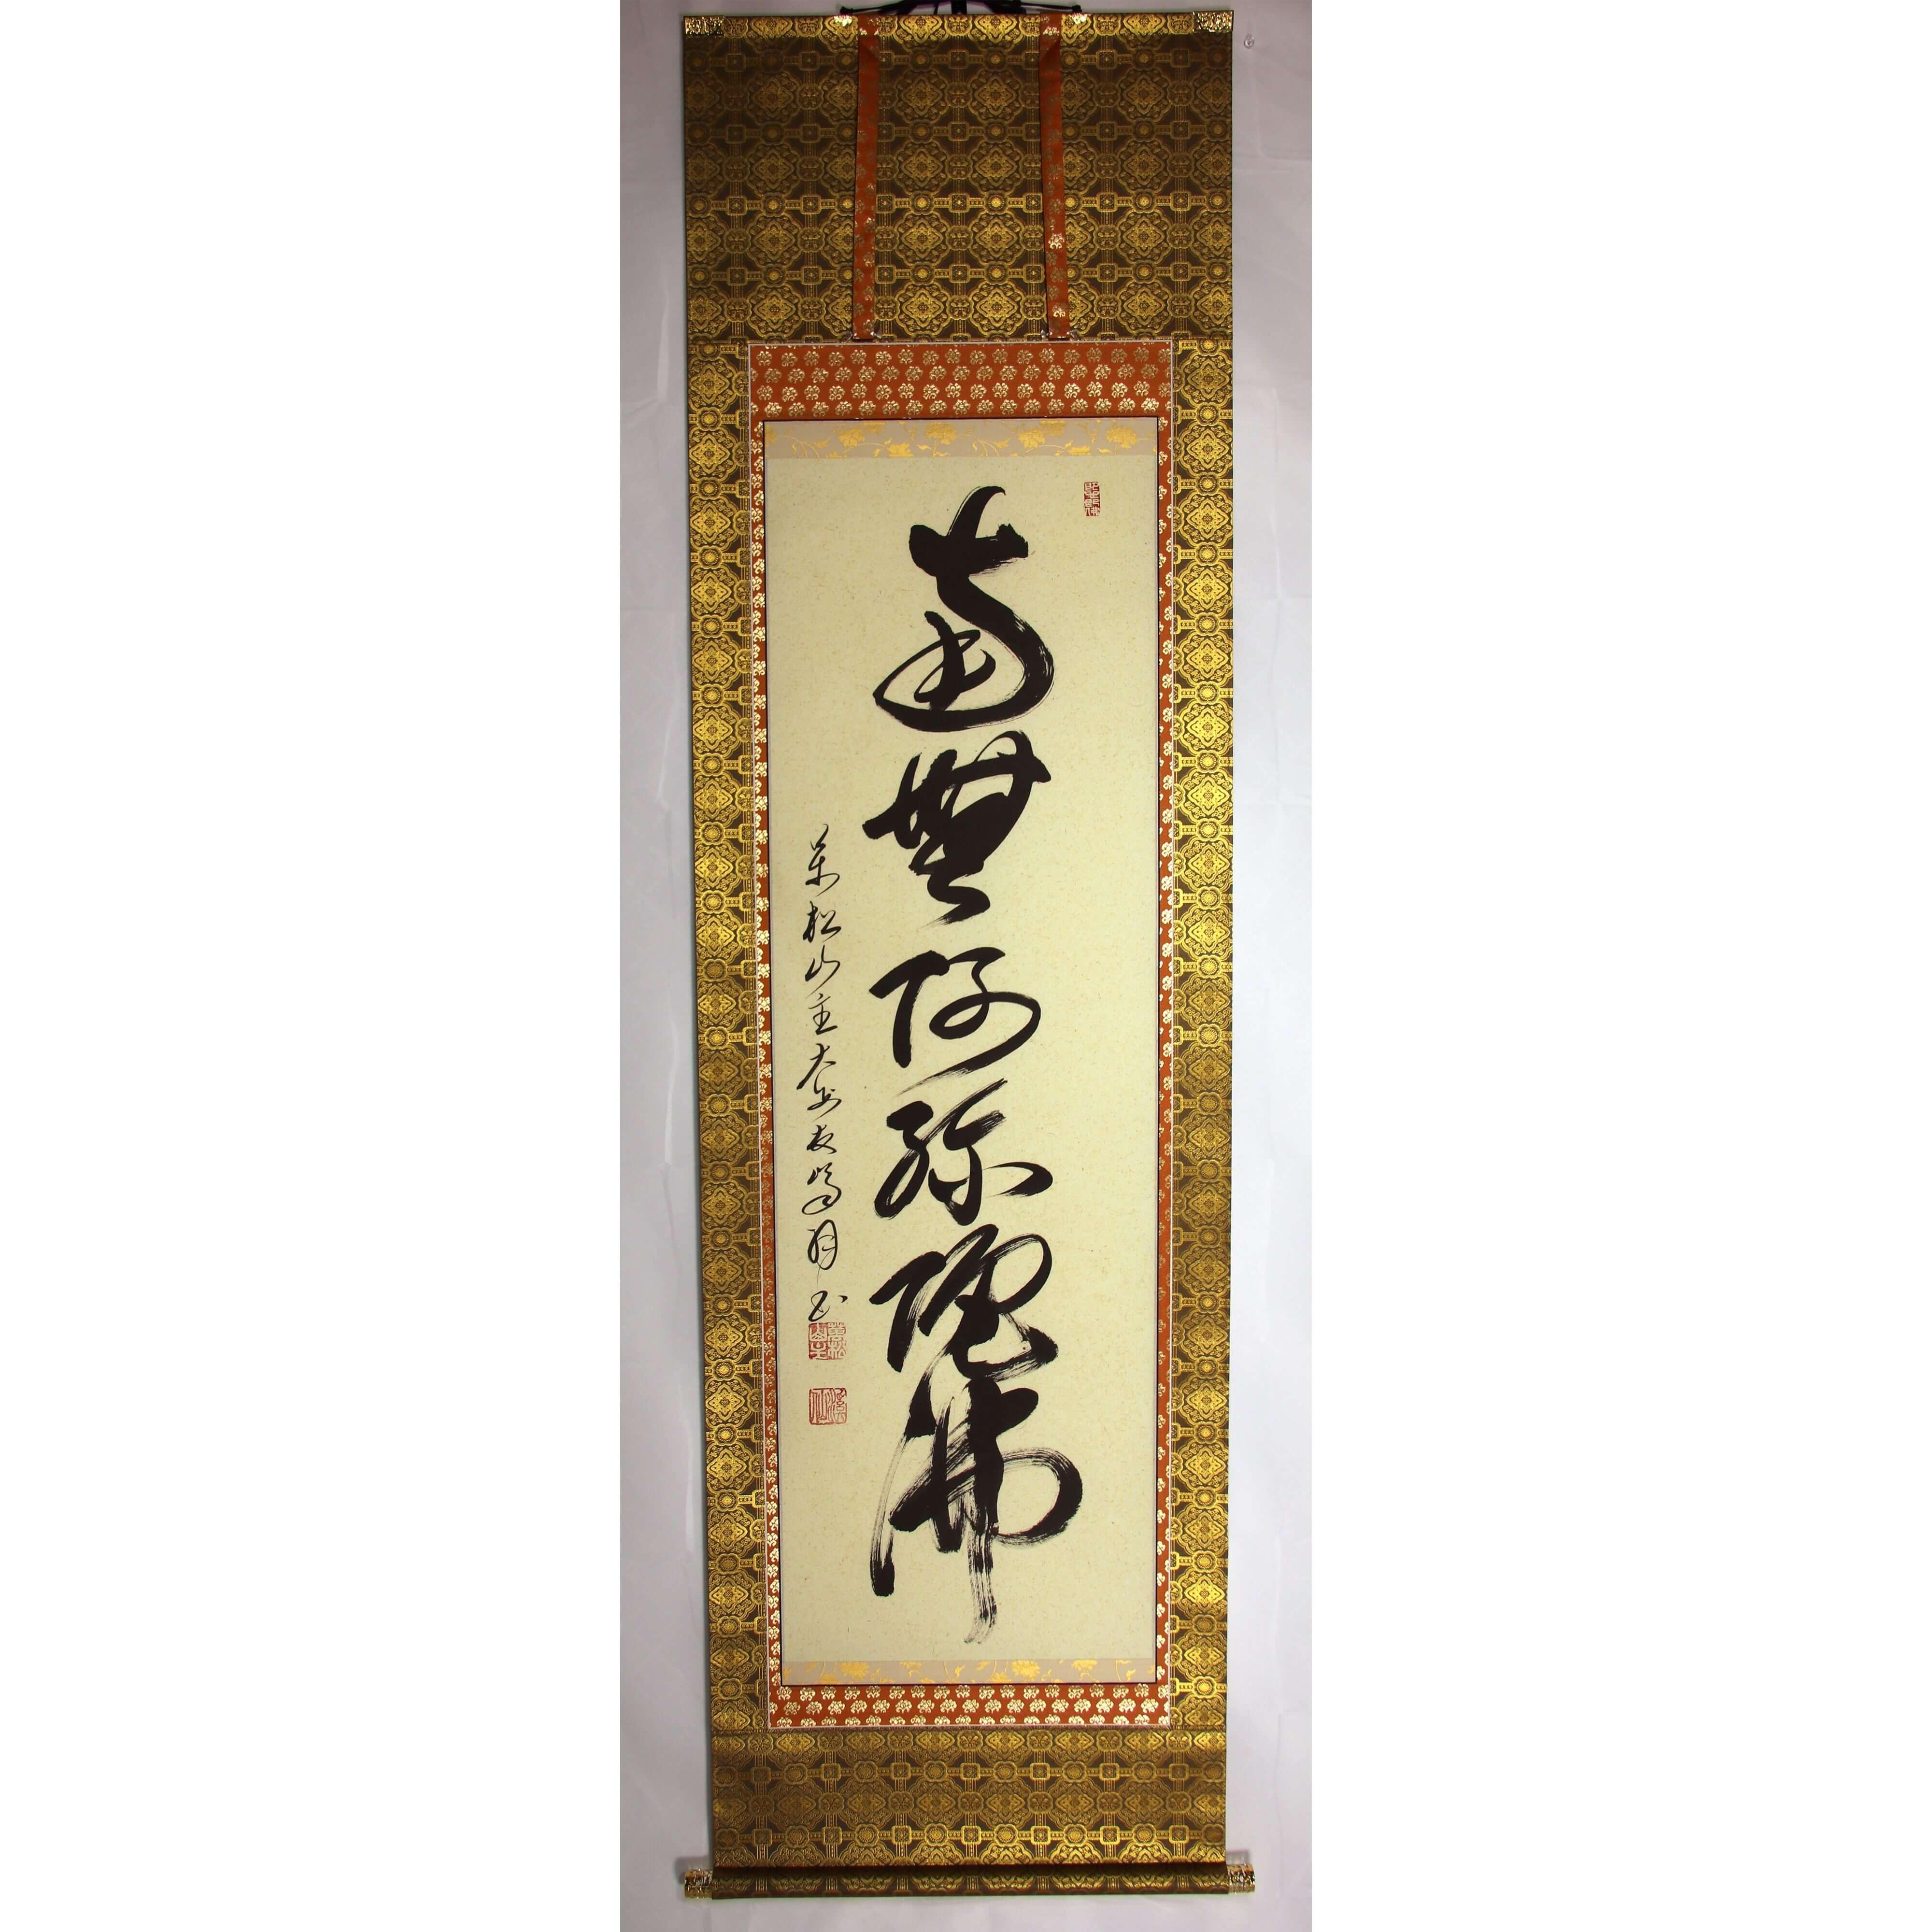 高橋友峰 / 六字名号: 南無阿弥陀仏